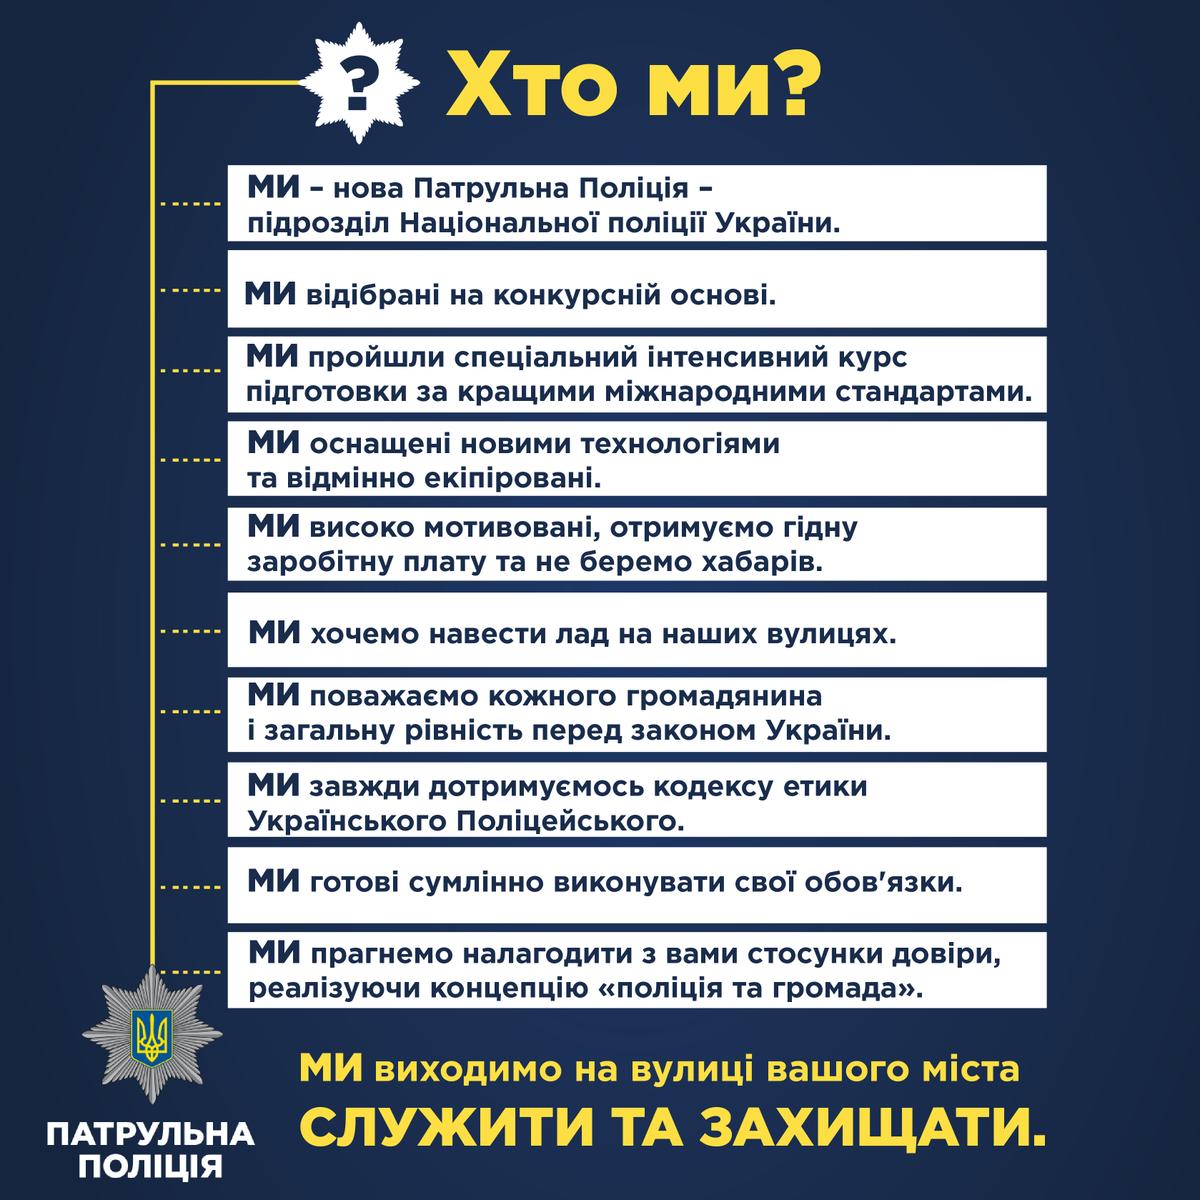 Патрульная полиция в Киеве: реакция пользователей соцсетей - Цензор.НЕТ 2140